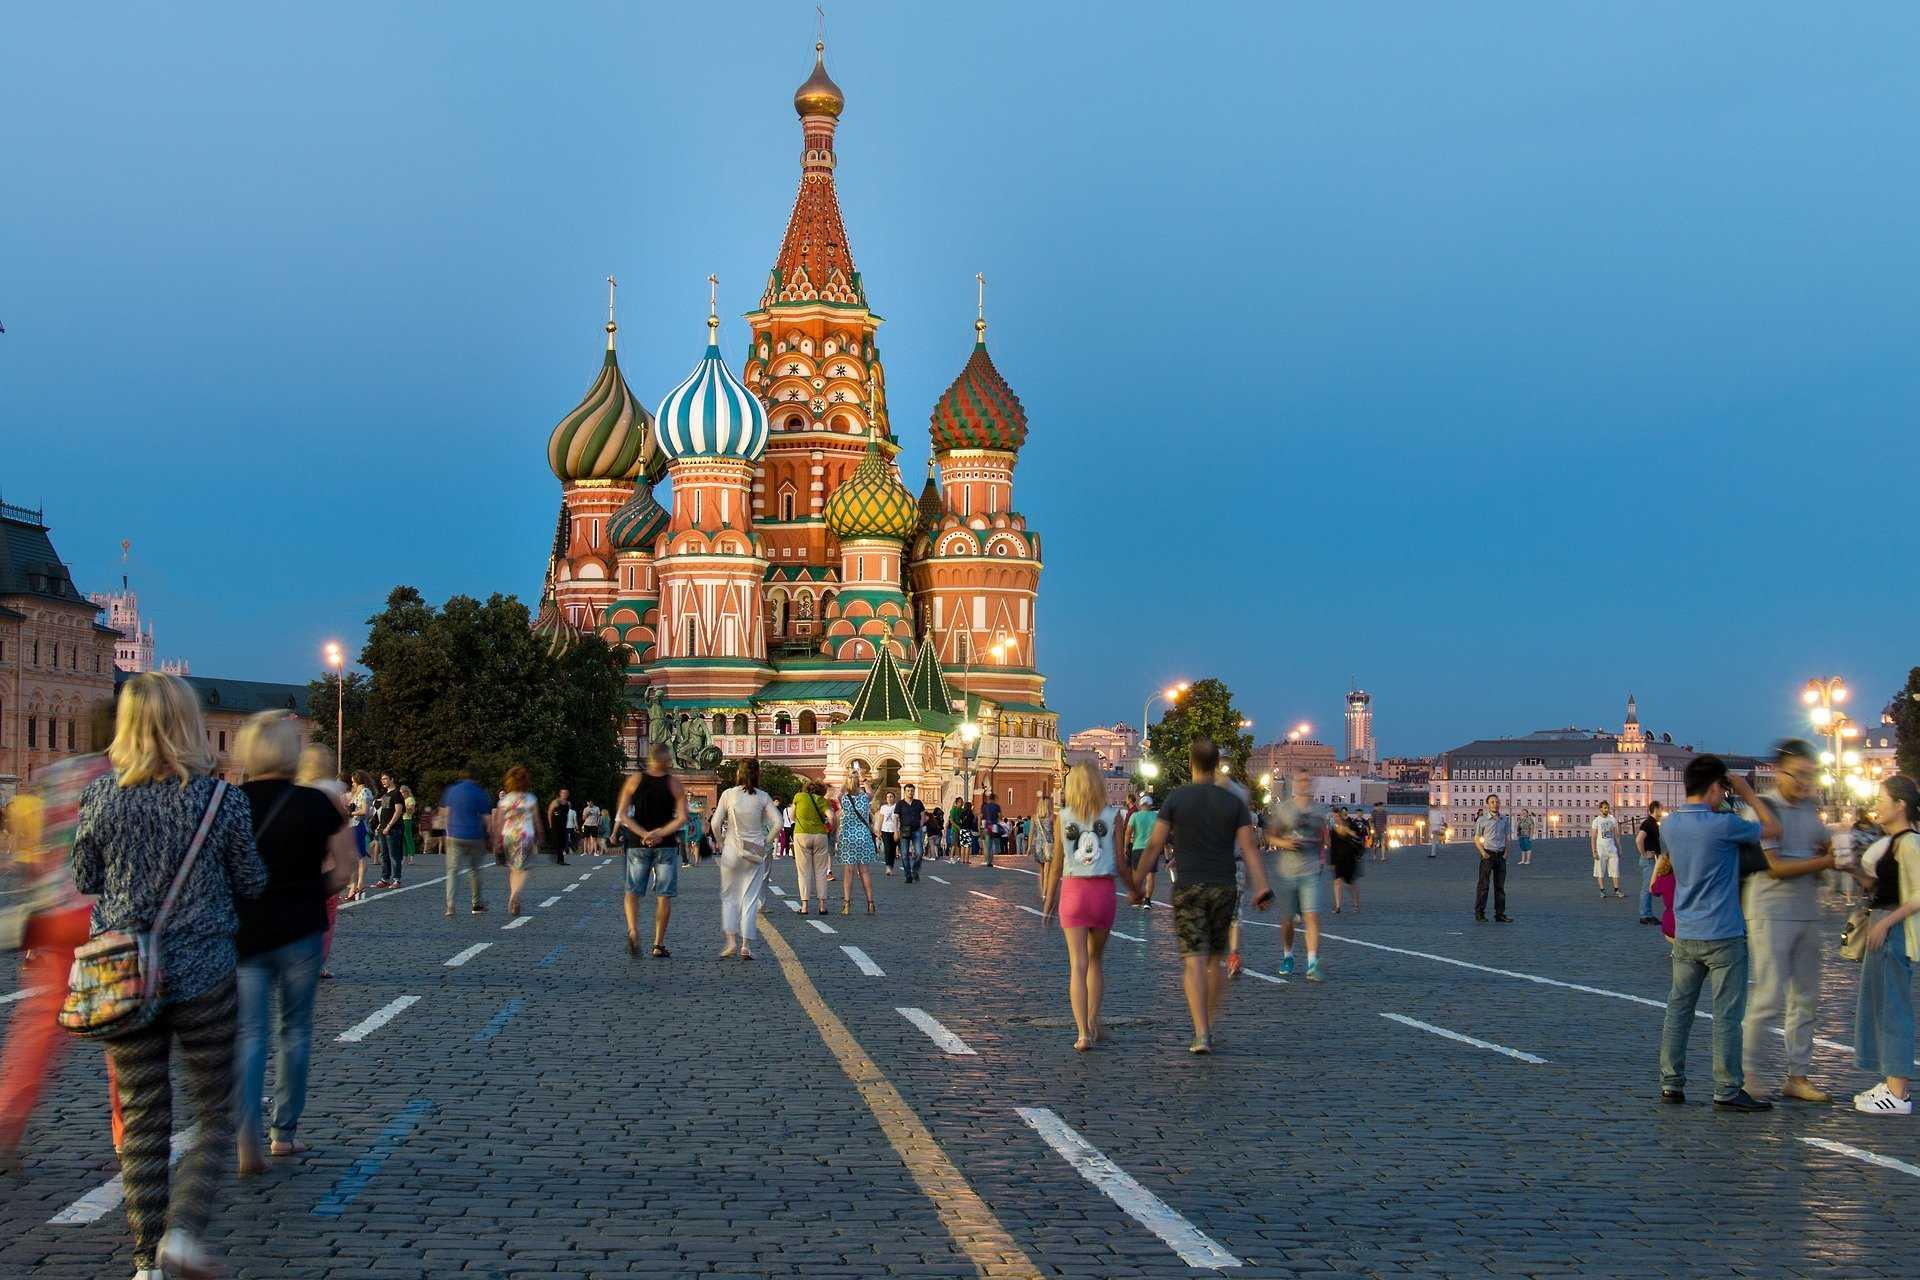 https://pixabay.com/photos/moscow-red-square-russia-tourism-1556561/